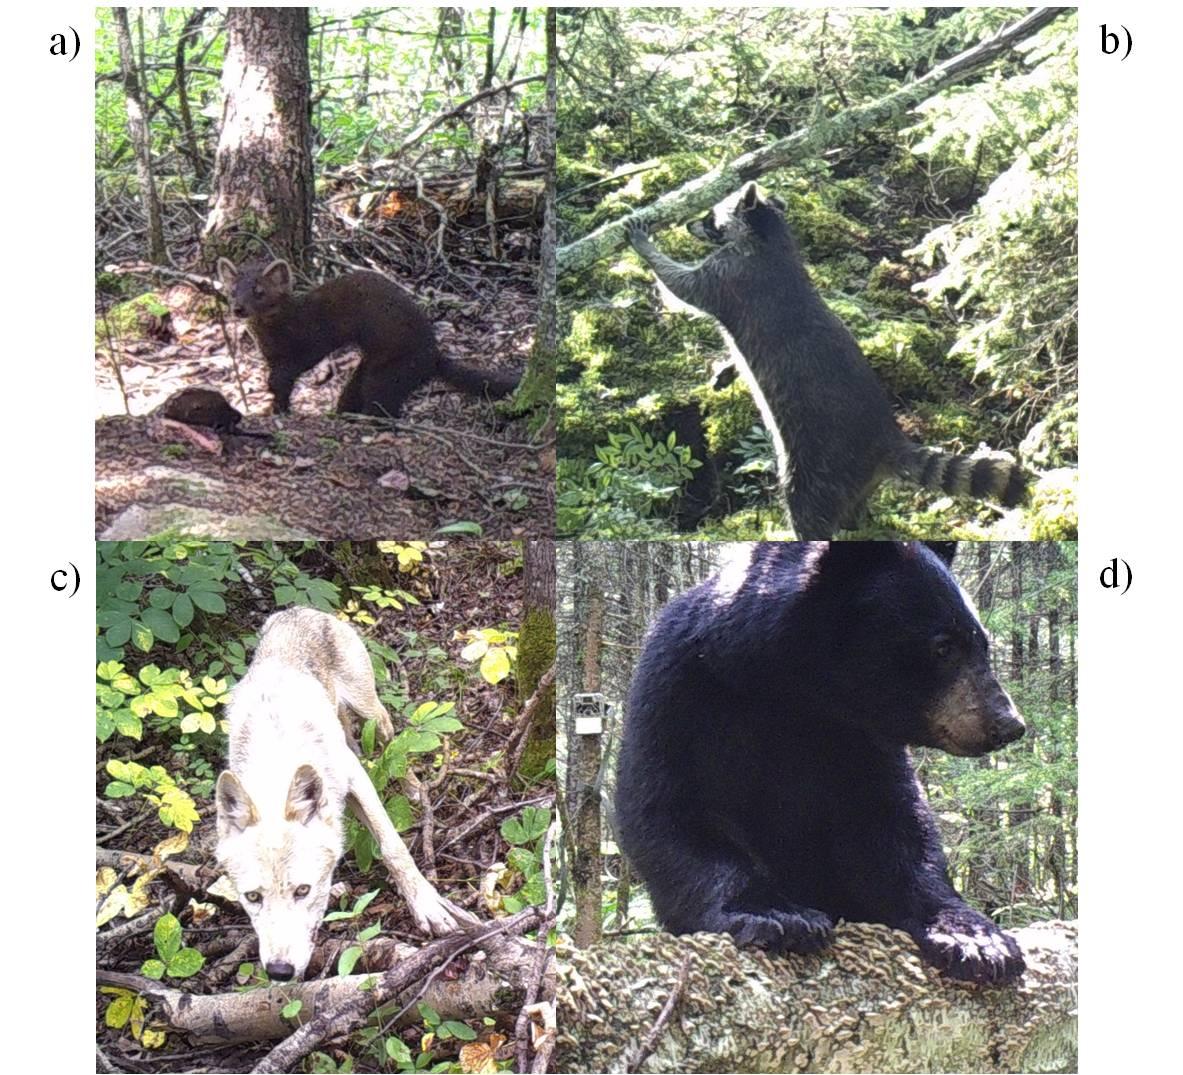 Figure 2. Photos de quatre espèces prédatrices présentent sur l'aire d'étude : a) Martre d'Amérique (Martes americana), b) Raton-laveur commun (Procyon lotor), c) Loup de l'Est (Canis lycaon) et d) l'Ours noir (Ursus americanus).